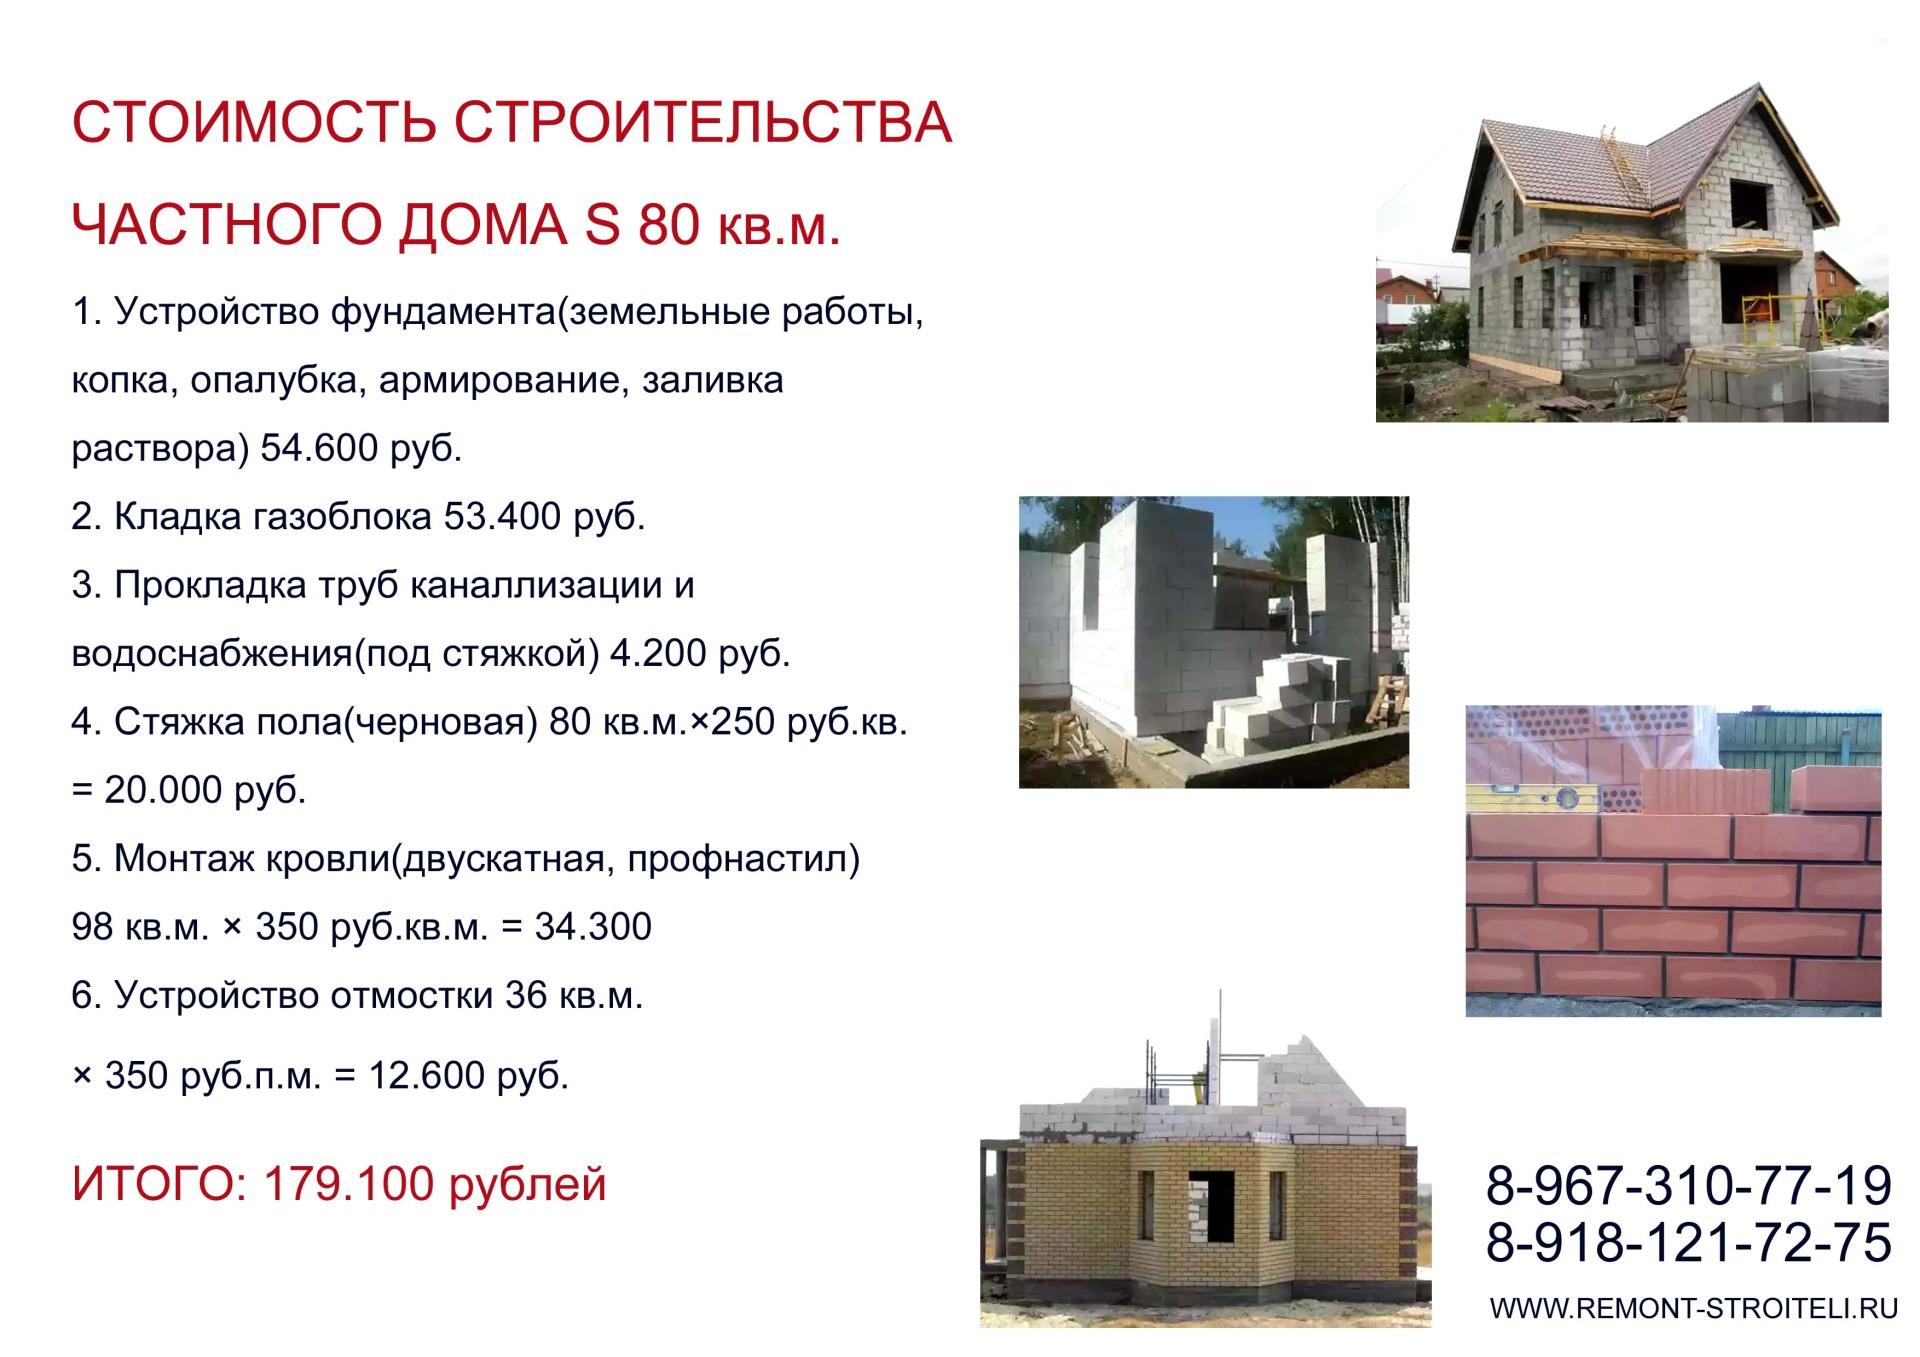 Строительство домов под ключ в Гулькевичи